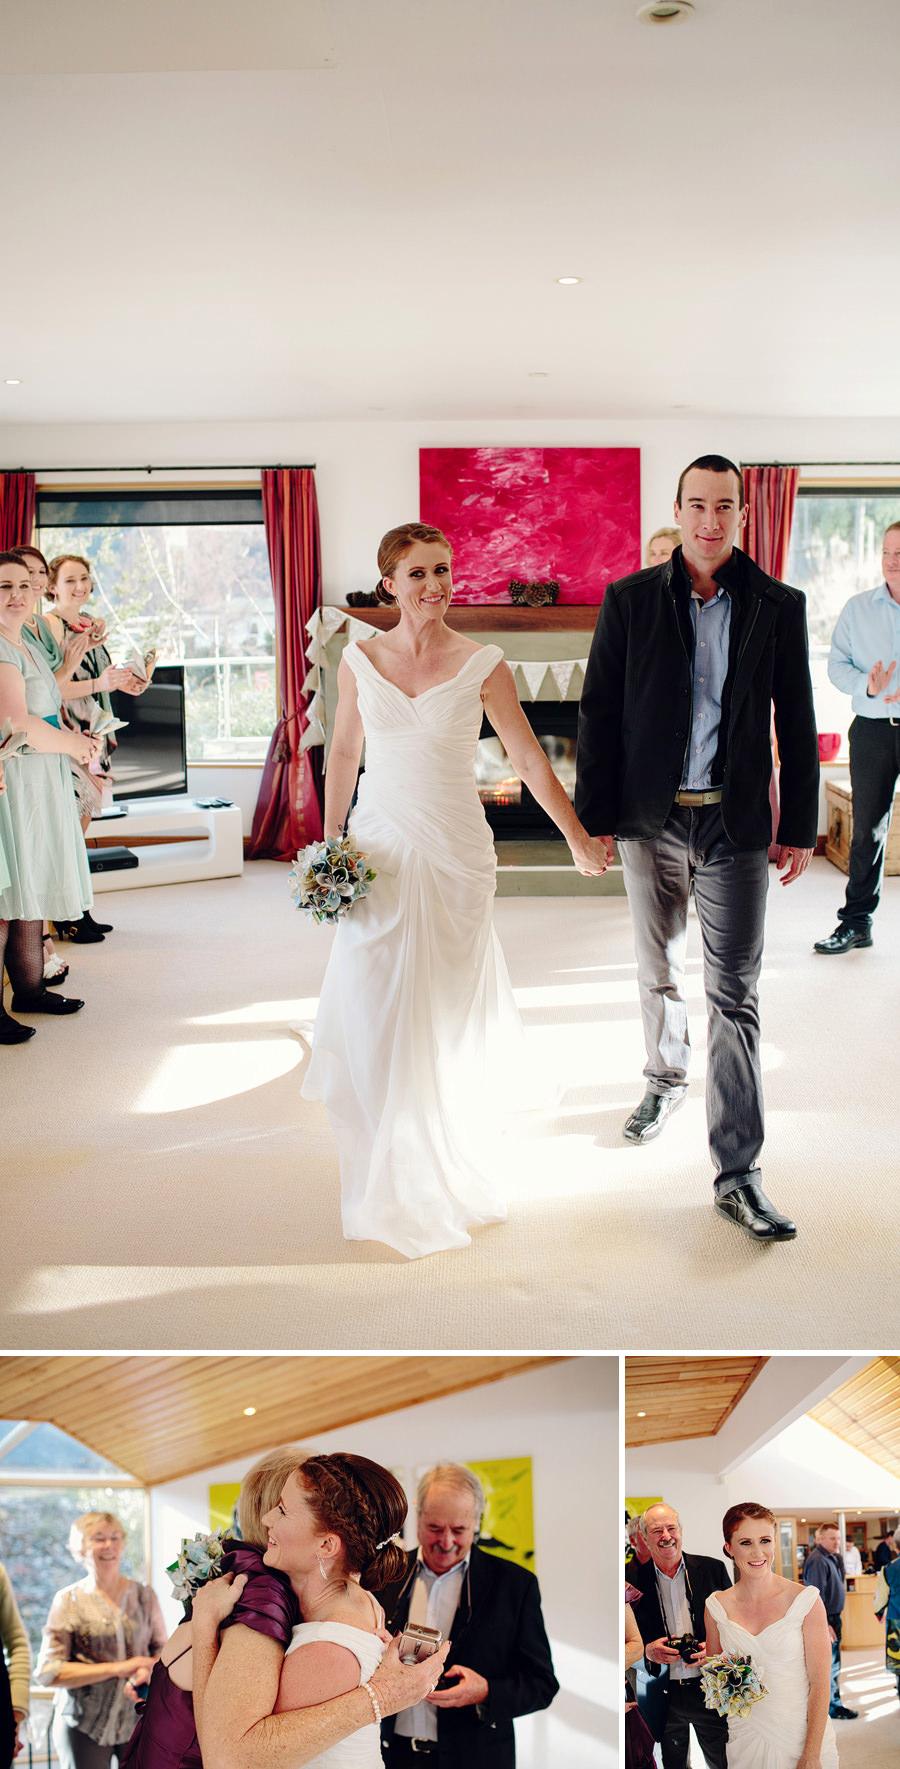 Queenstown Wedding Photographer: Ceremony